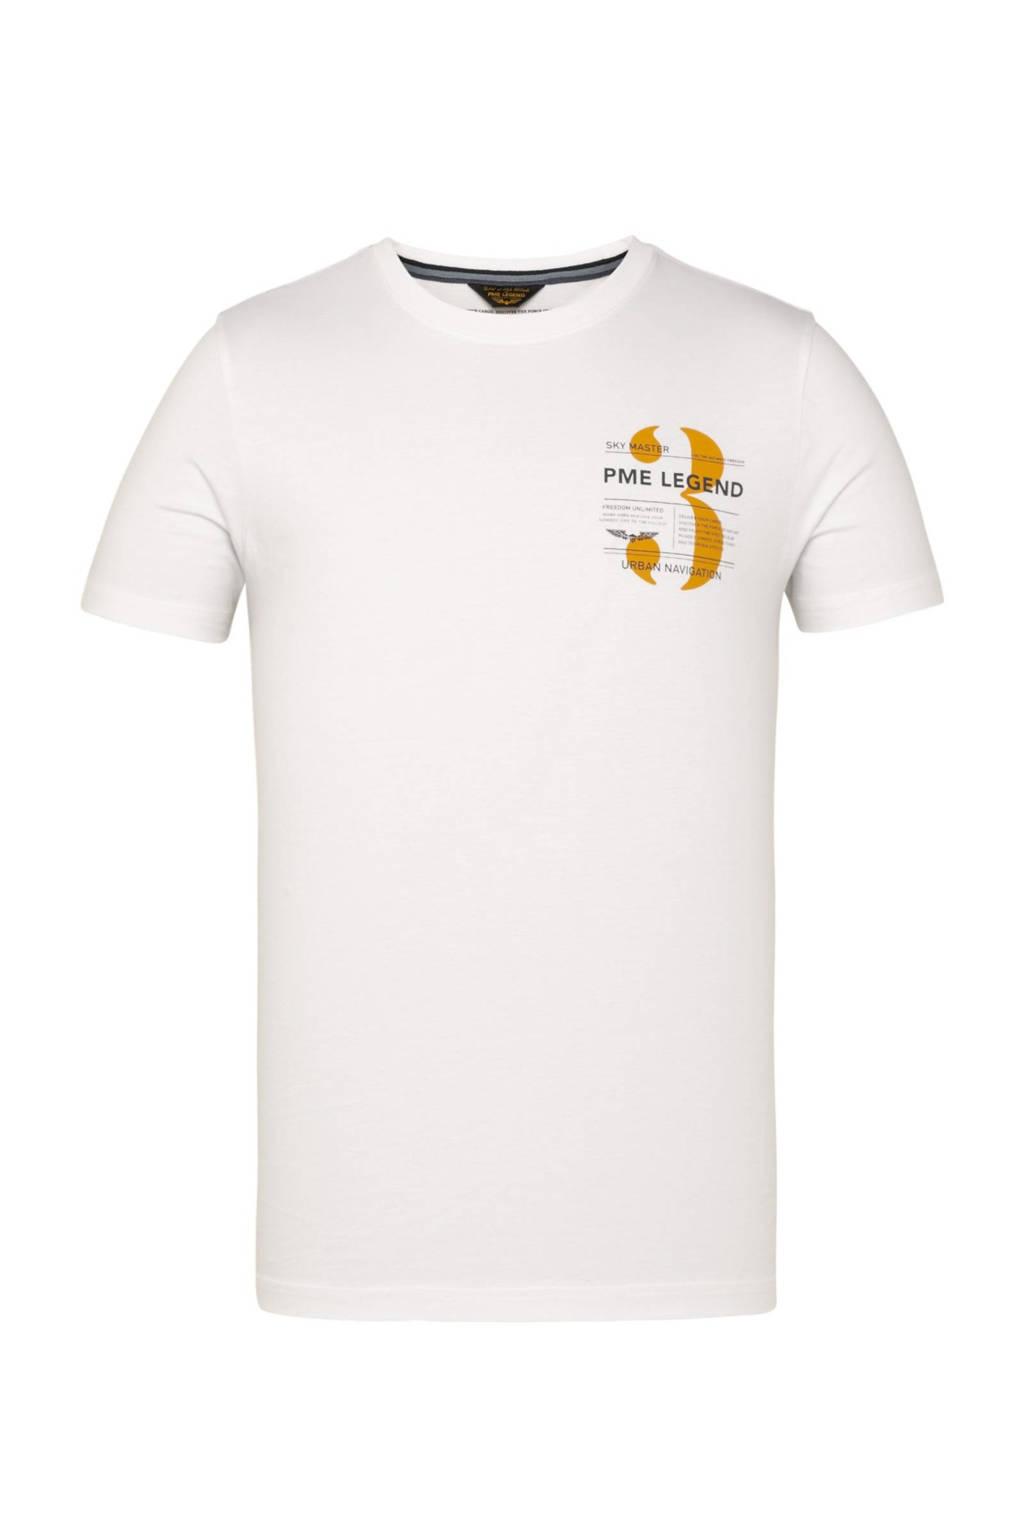 PME Legend T-shirt met logo wit, Wit